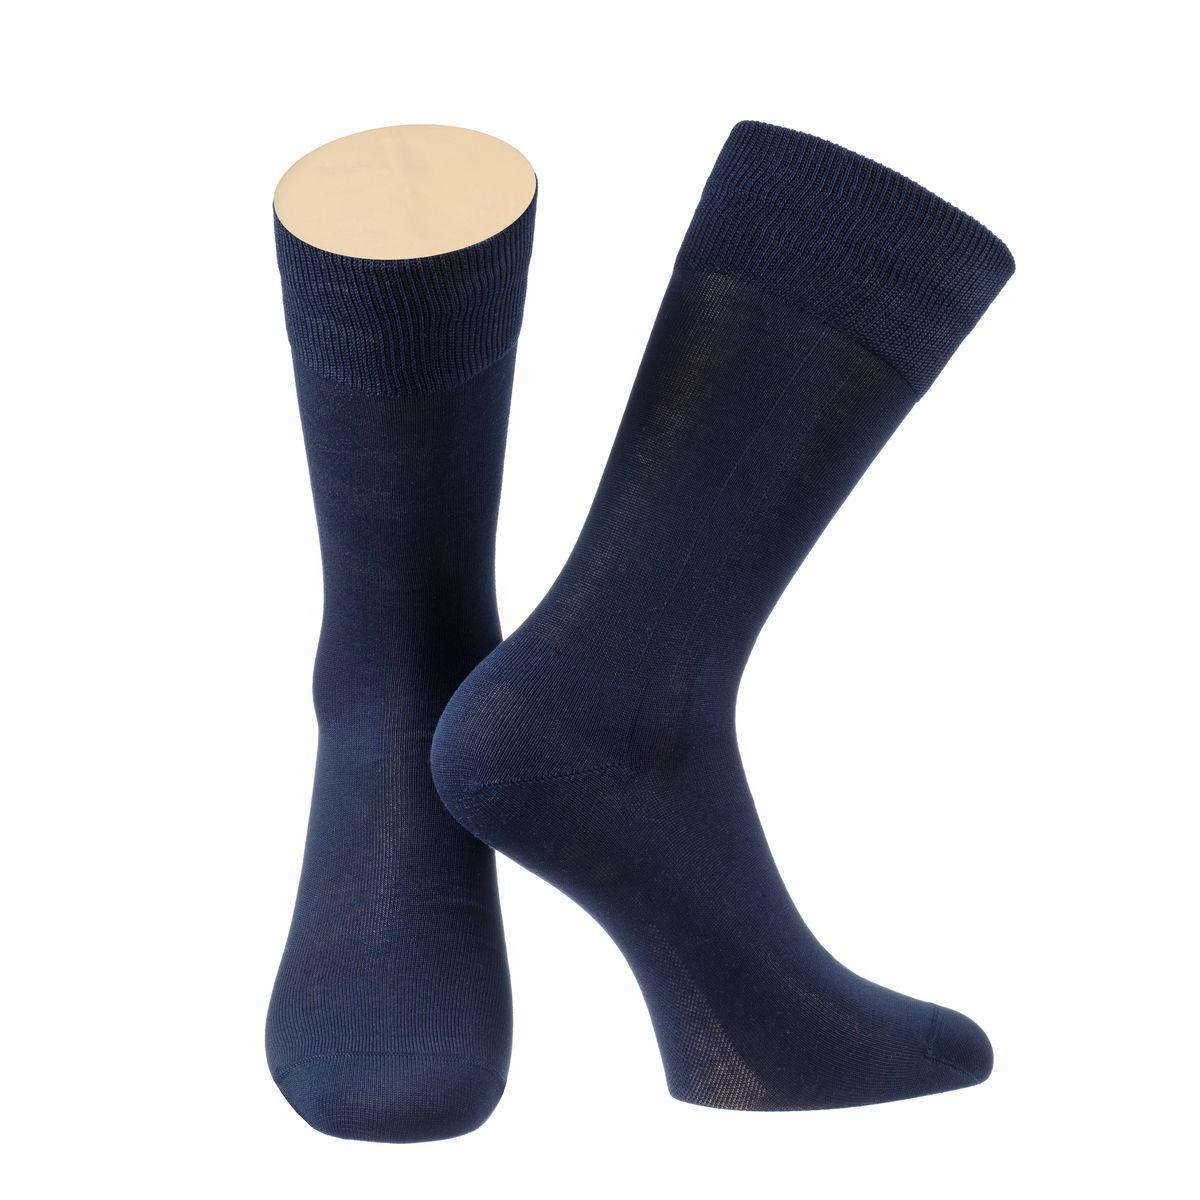 Носки2-14/01Мужские носки Collonil изготовлены из мерсеризованного хлопка. Носки с удлиненным паголенком. Широкая резинка не сдавливает и комфортно облегает ногу.